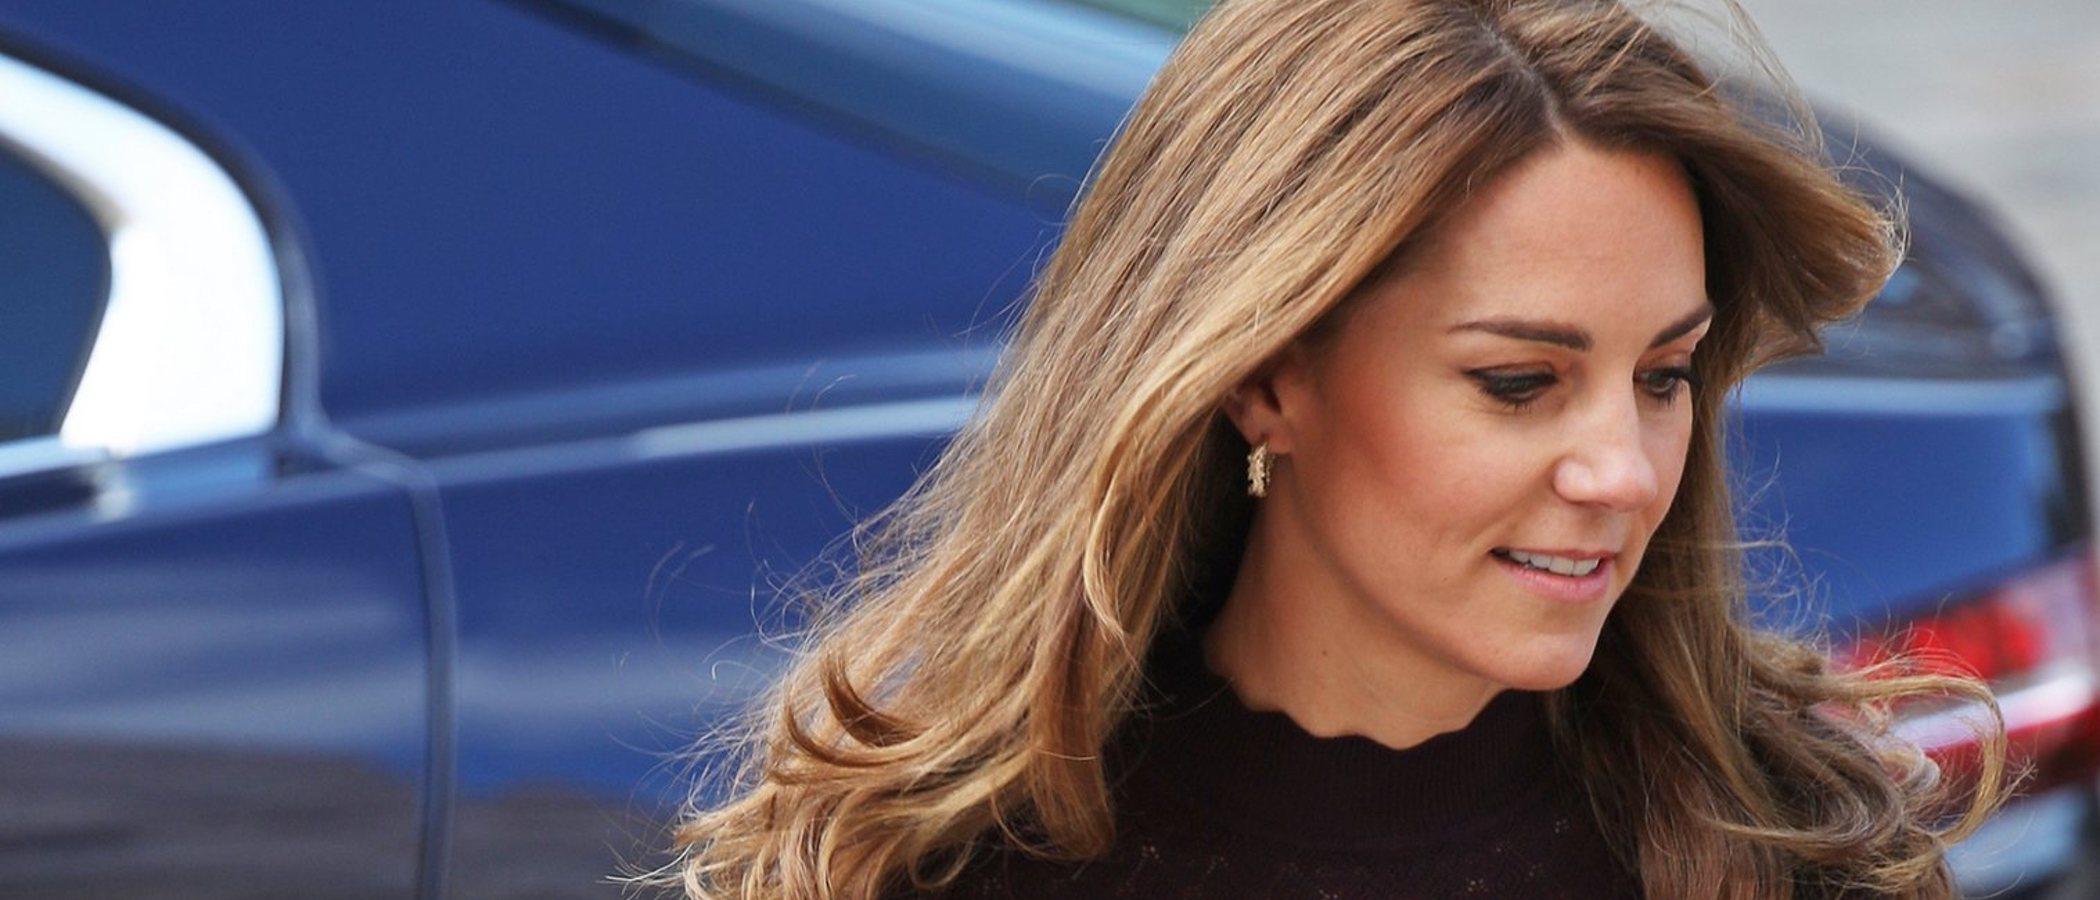 La Reina Letizia y Kate Middleton se coronan con los mejores looks de la semana